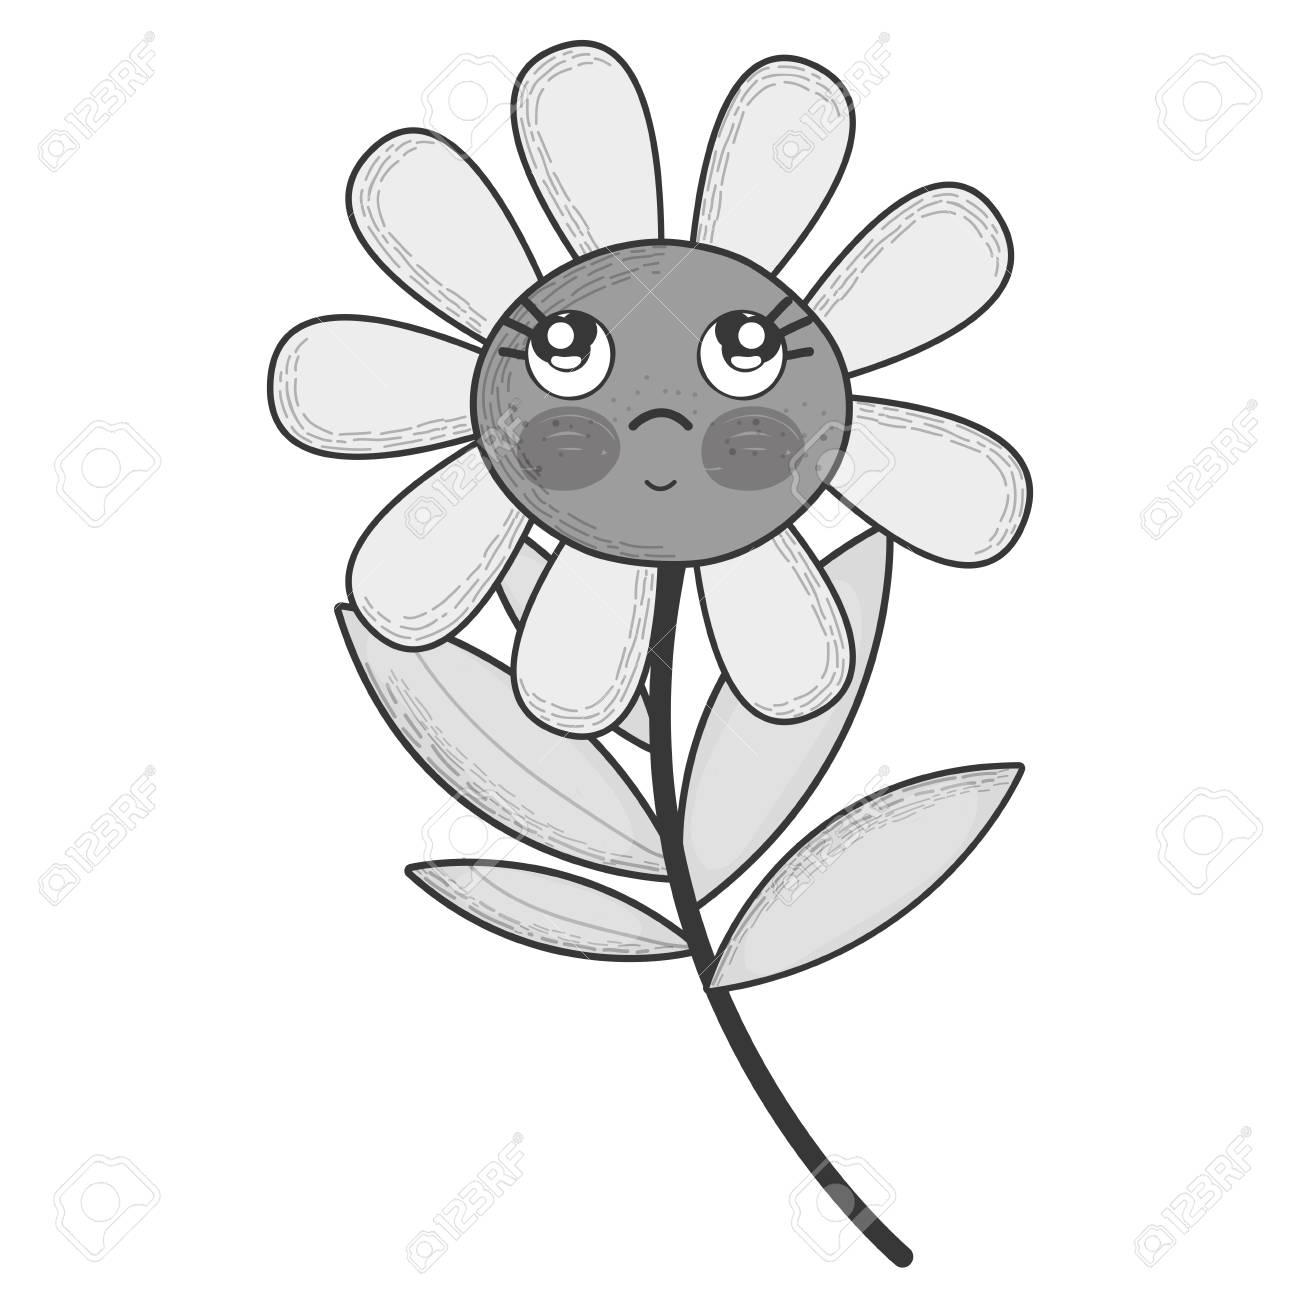 頬と目で考えるグレースケールかわいい花植物のイラストのイラスト素材